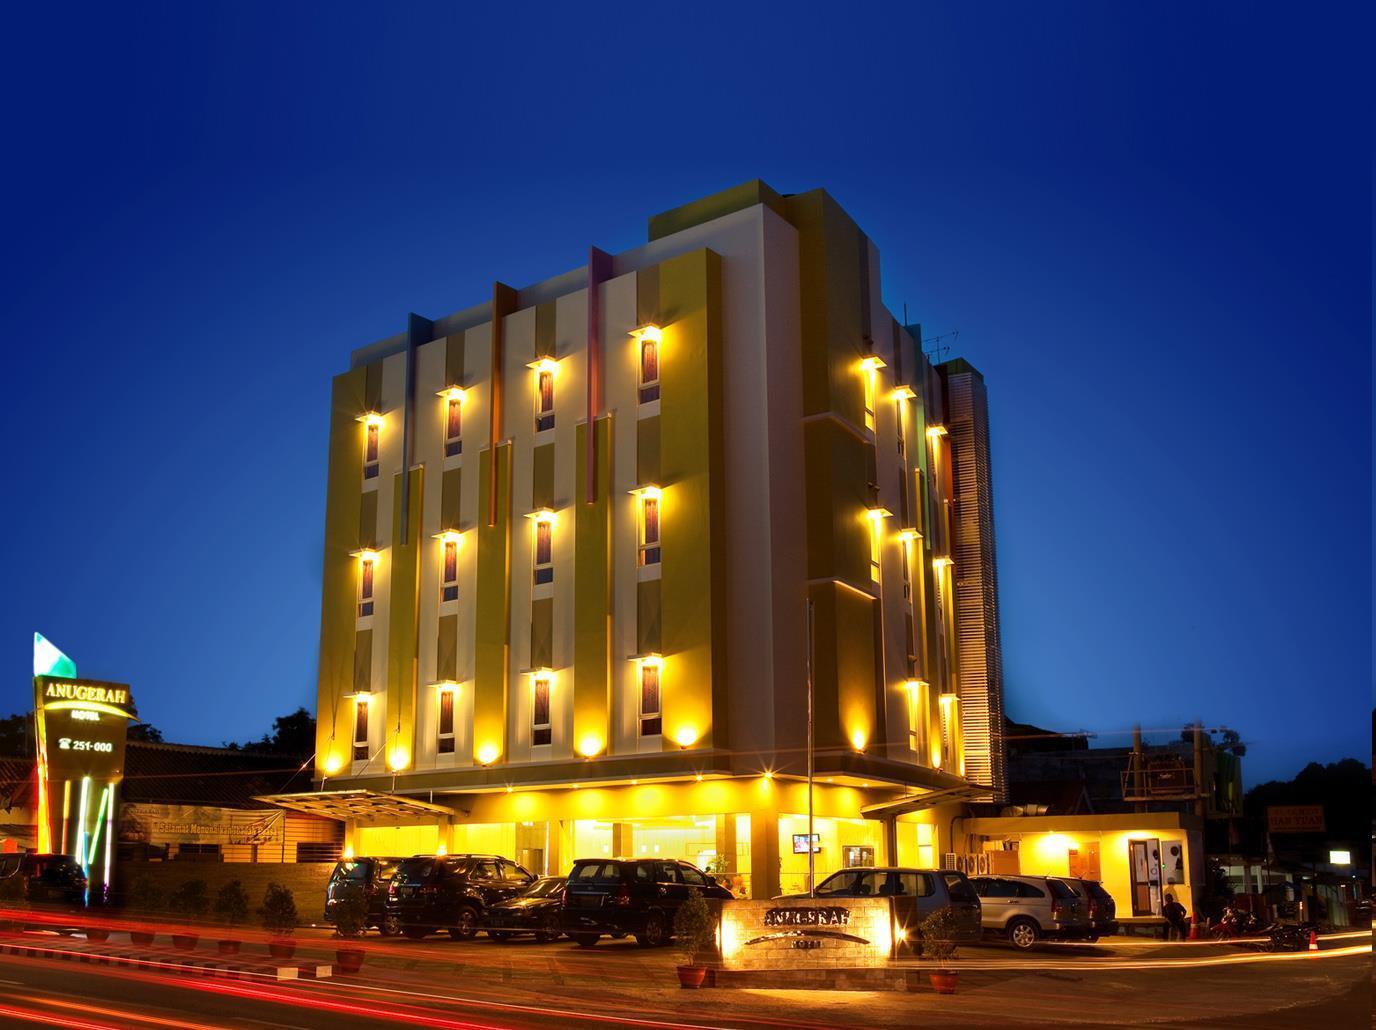 Hotel Anugerah Express, Bandar Lampung